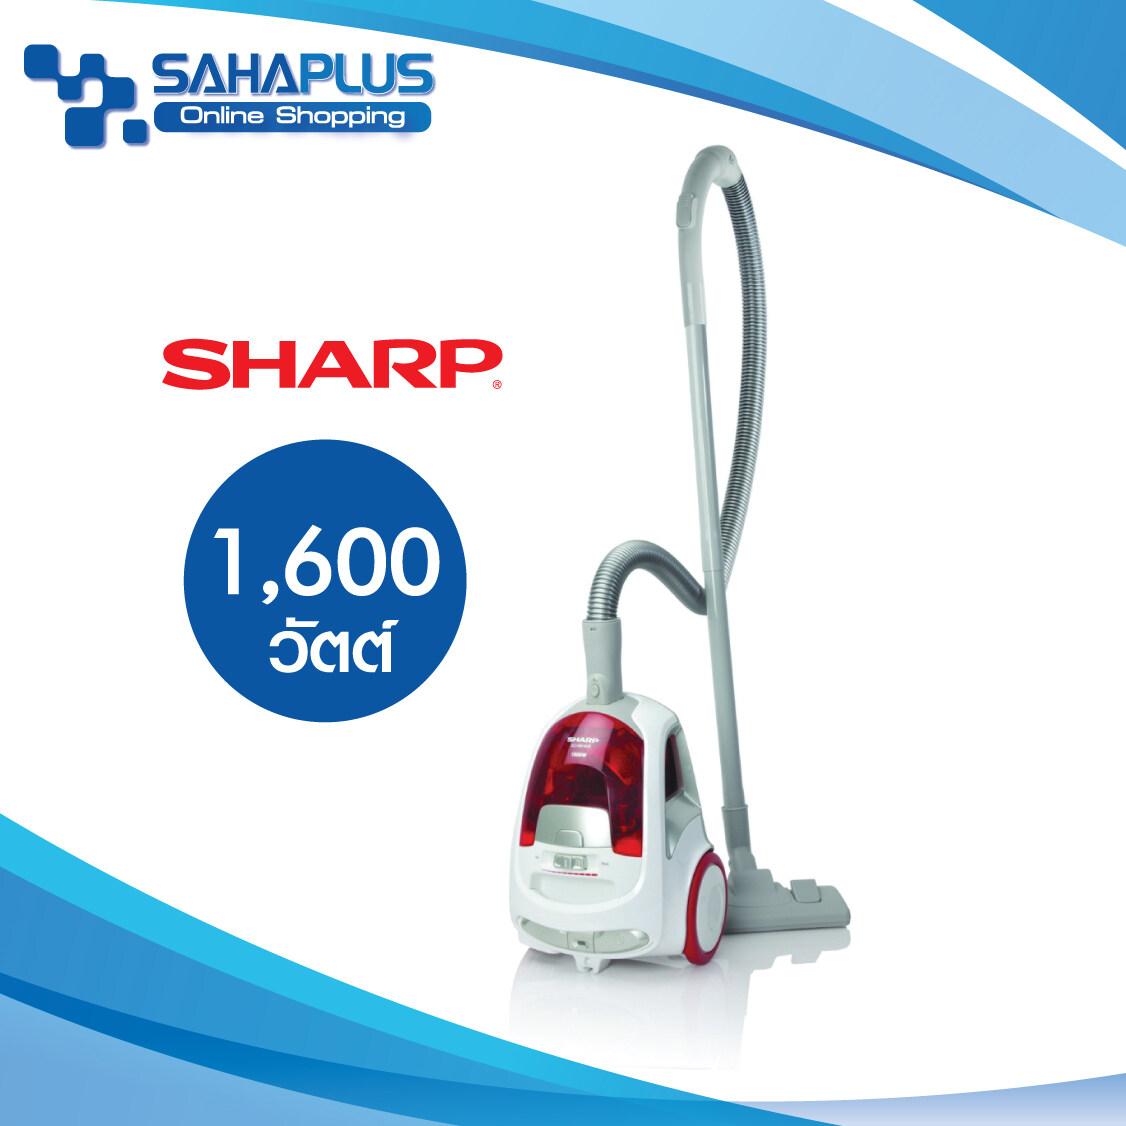 เครื่องดูดฝุ่น Sharp รุ่น Ec-Ns16-R/v ขนาด 1,600 W ( รับประกันสินค้า 1 ปี ).